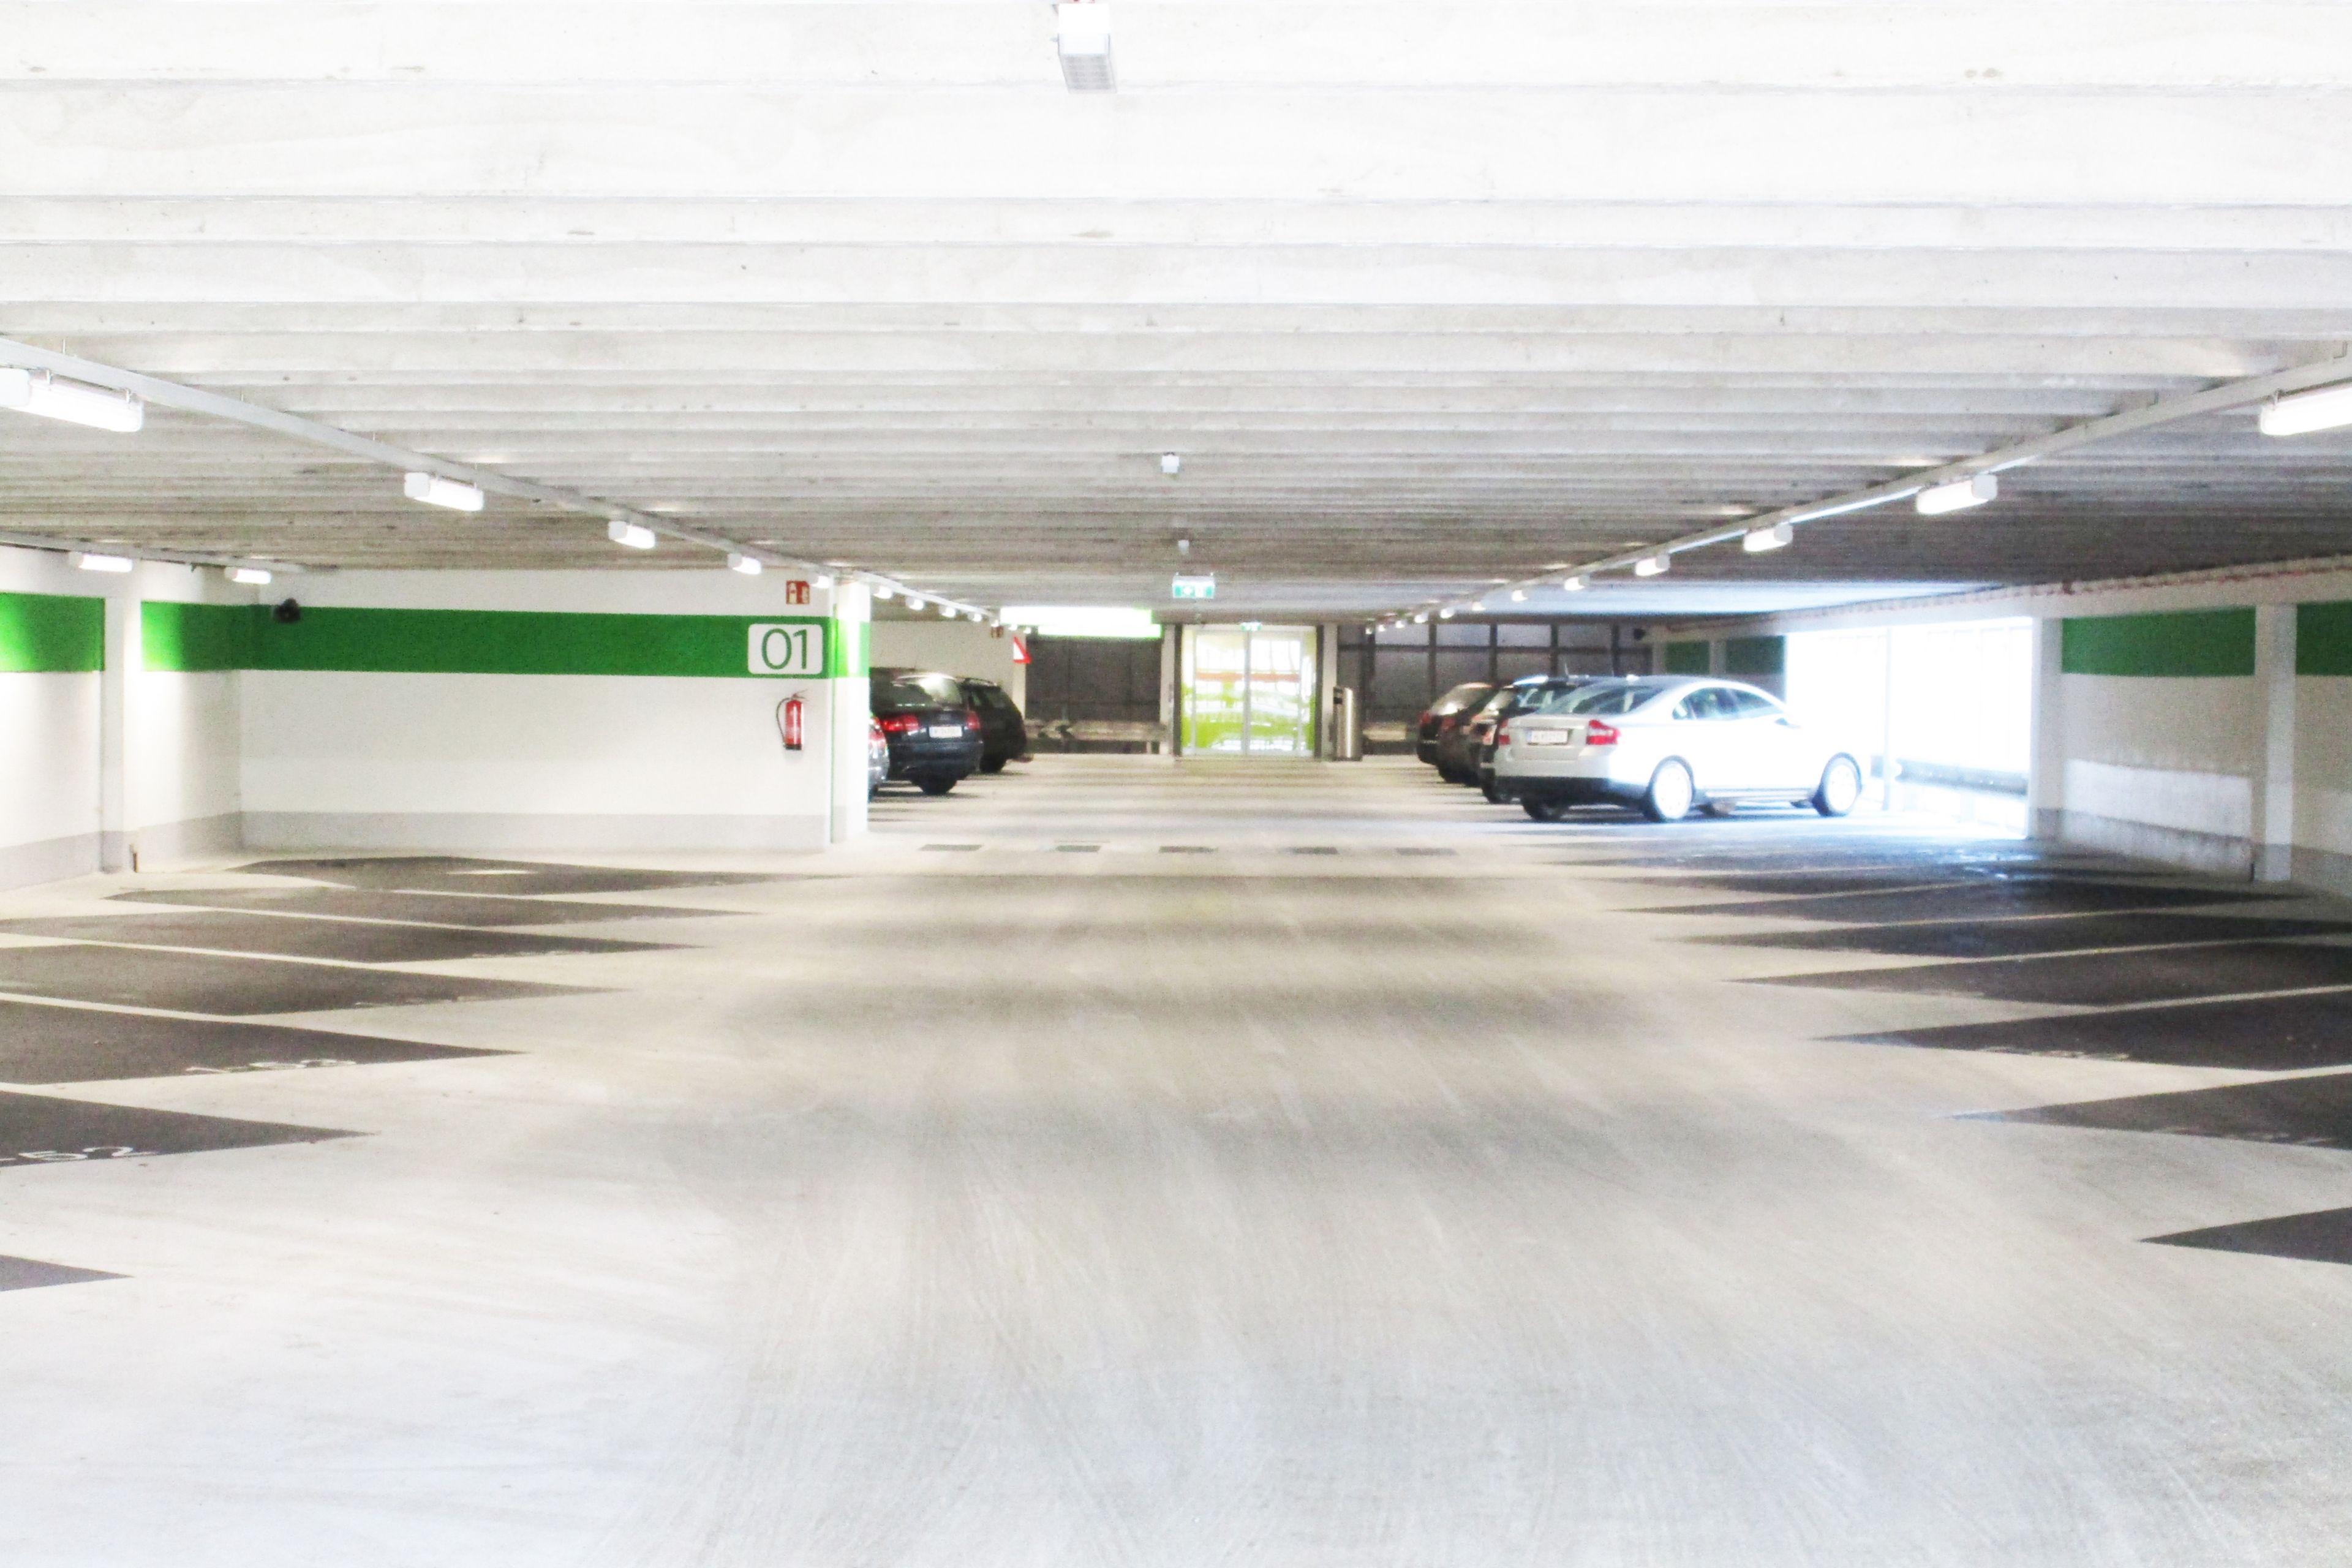 Die helle Garage mit direktem Zugang ins Center lädt zum Shoppen ein